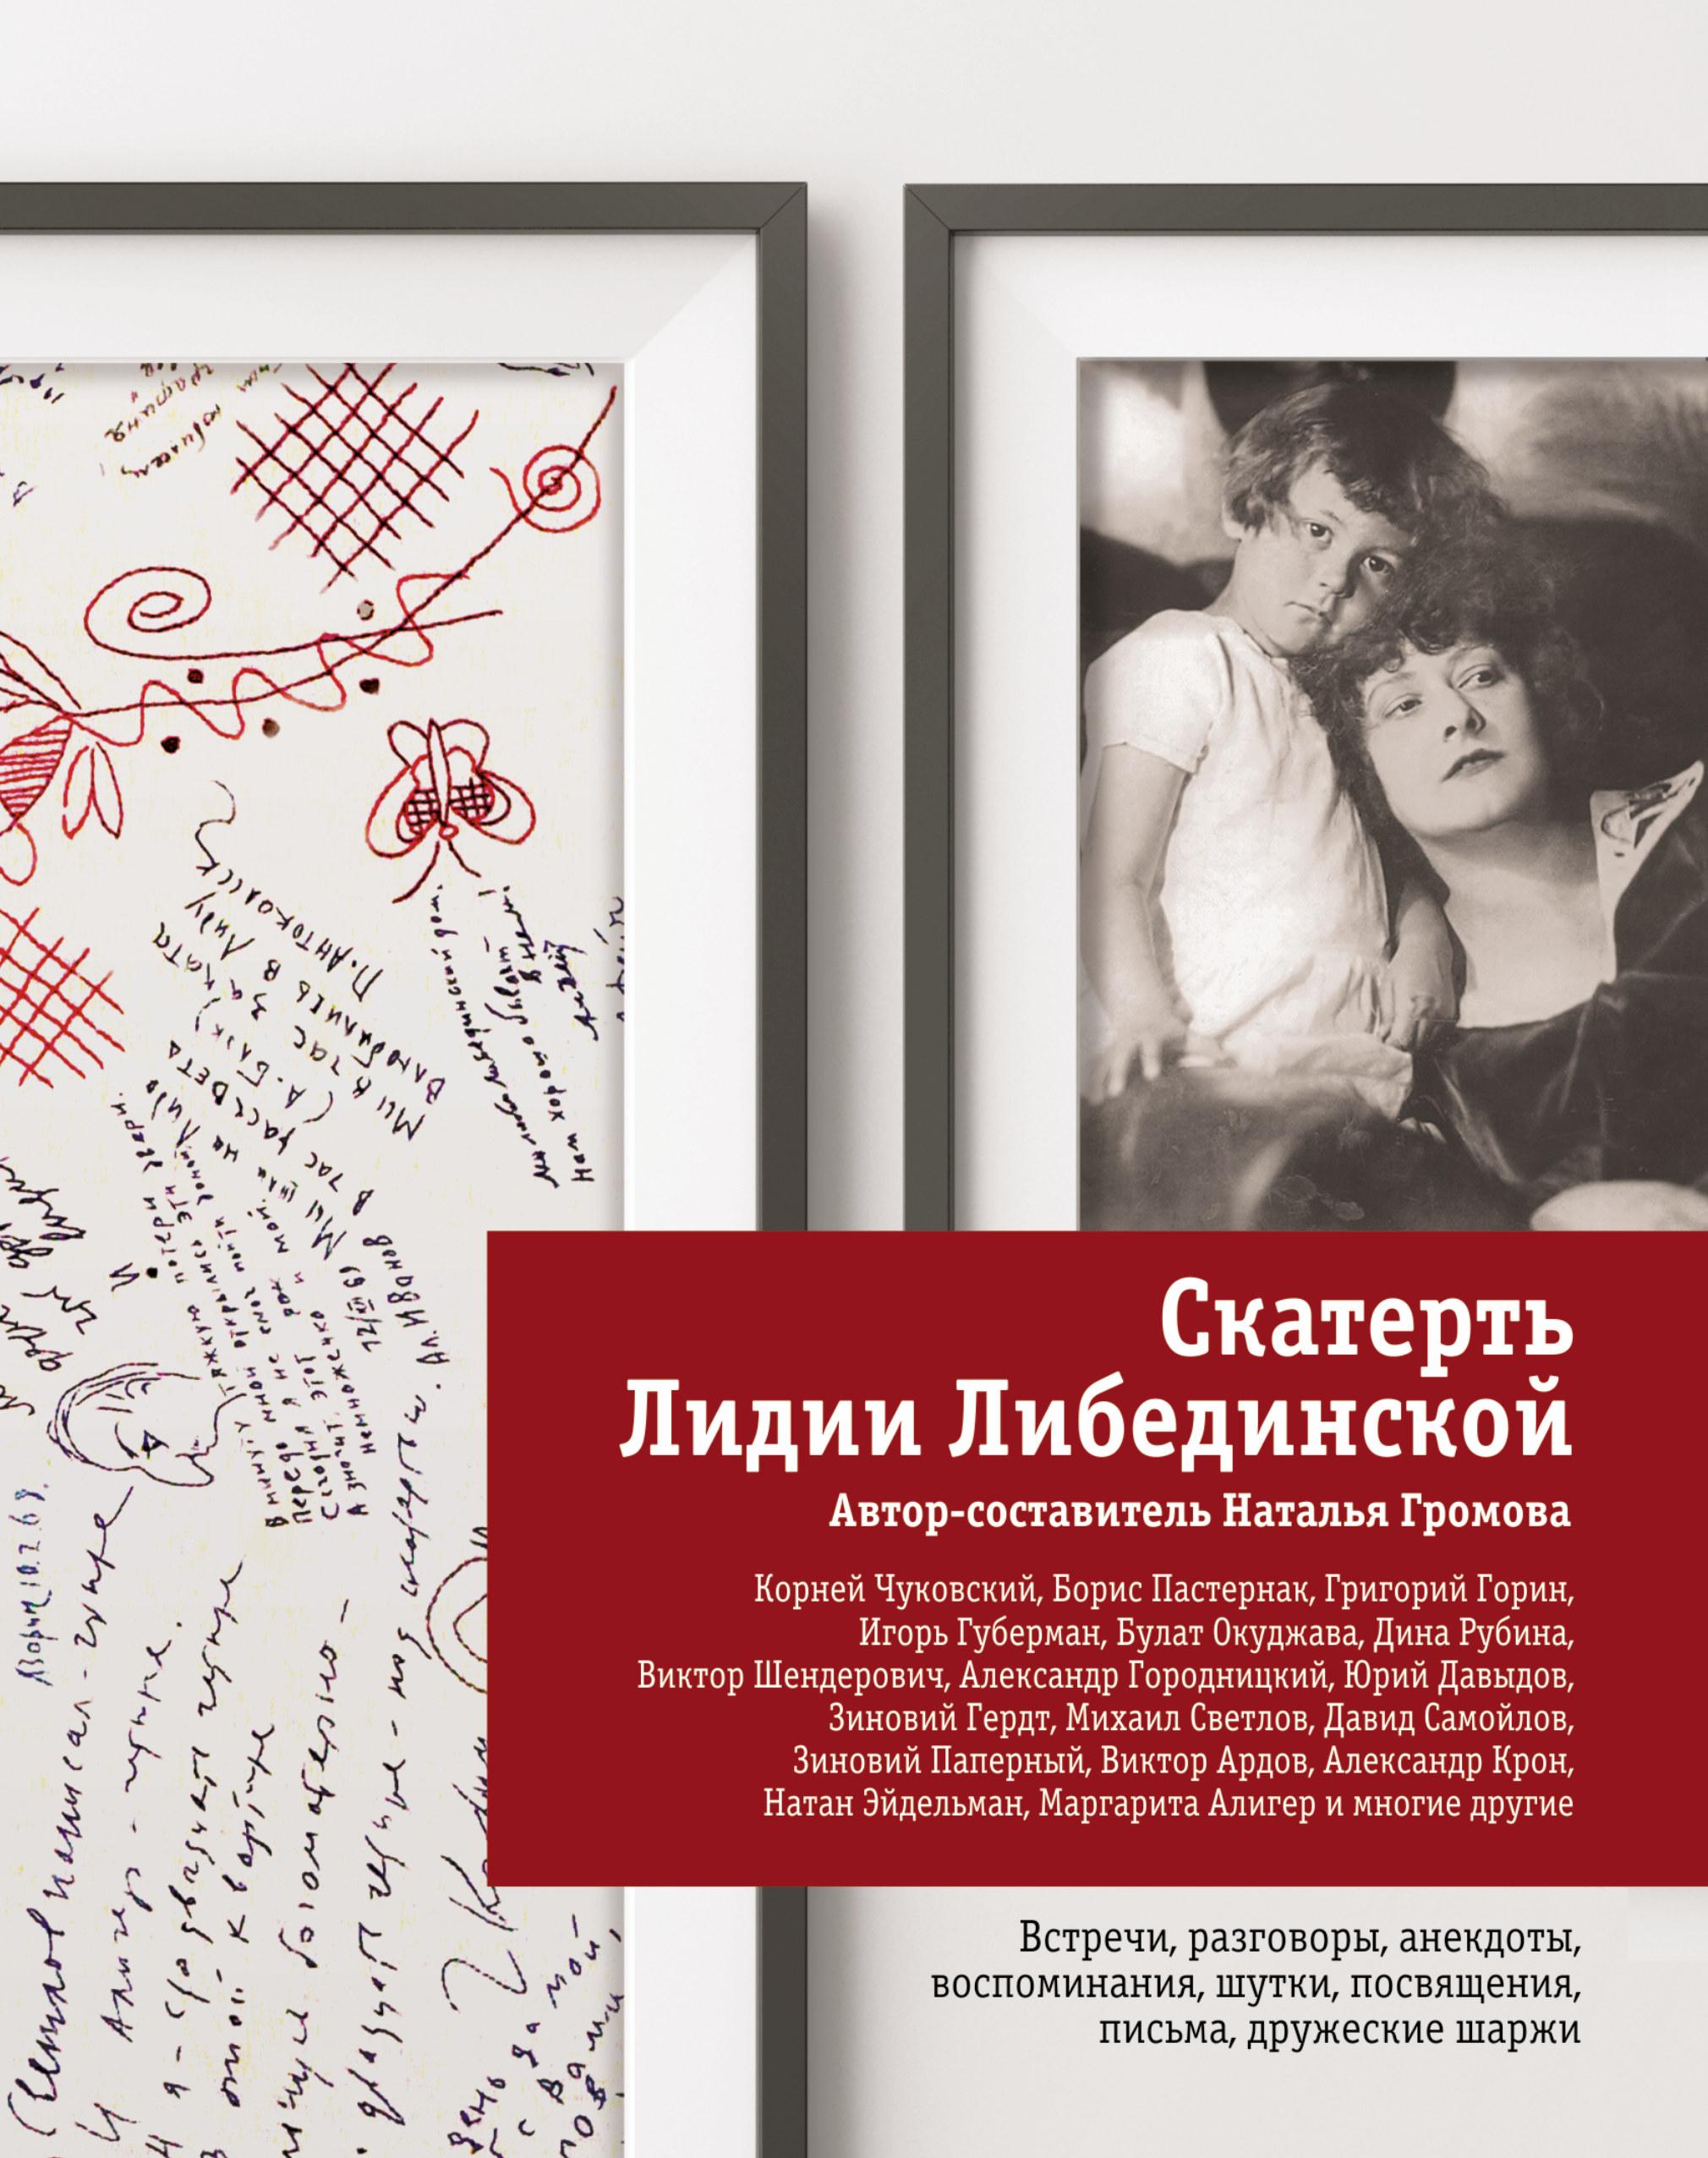 Скатерть Лидии Либединской ( Наталья Громова  )